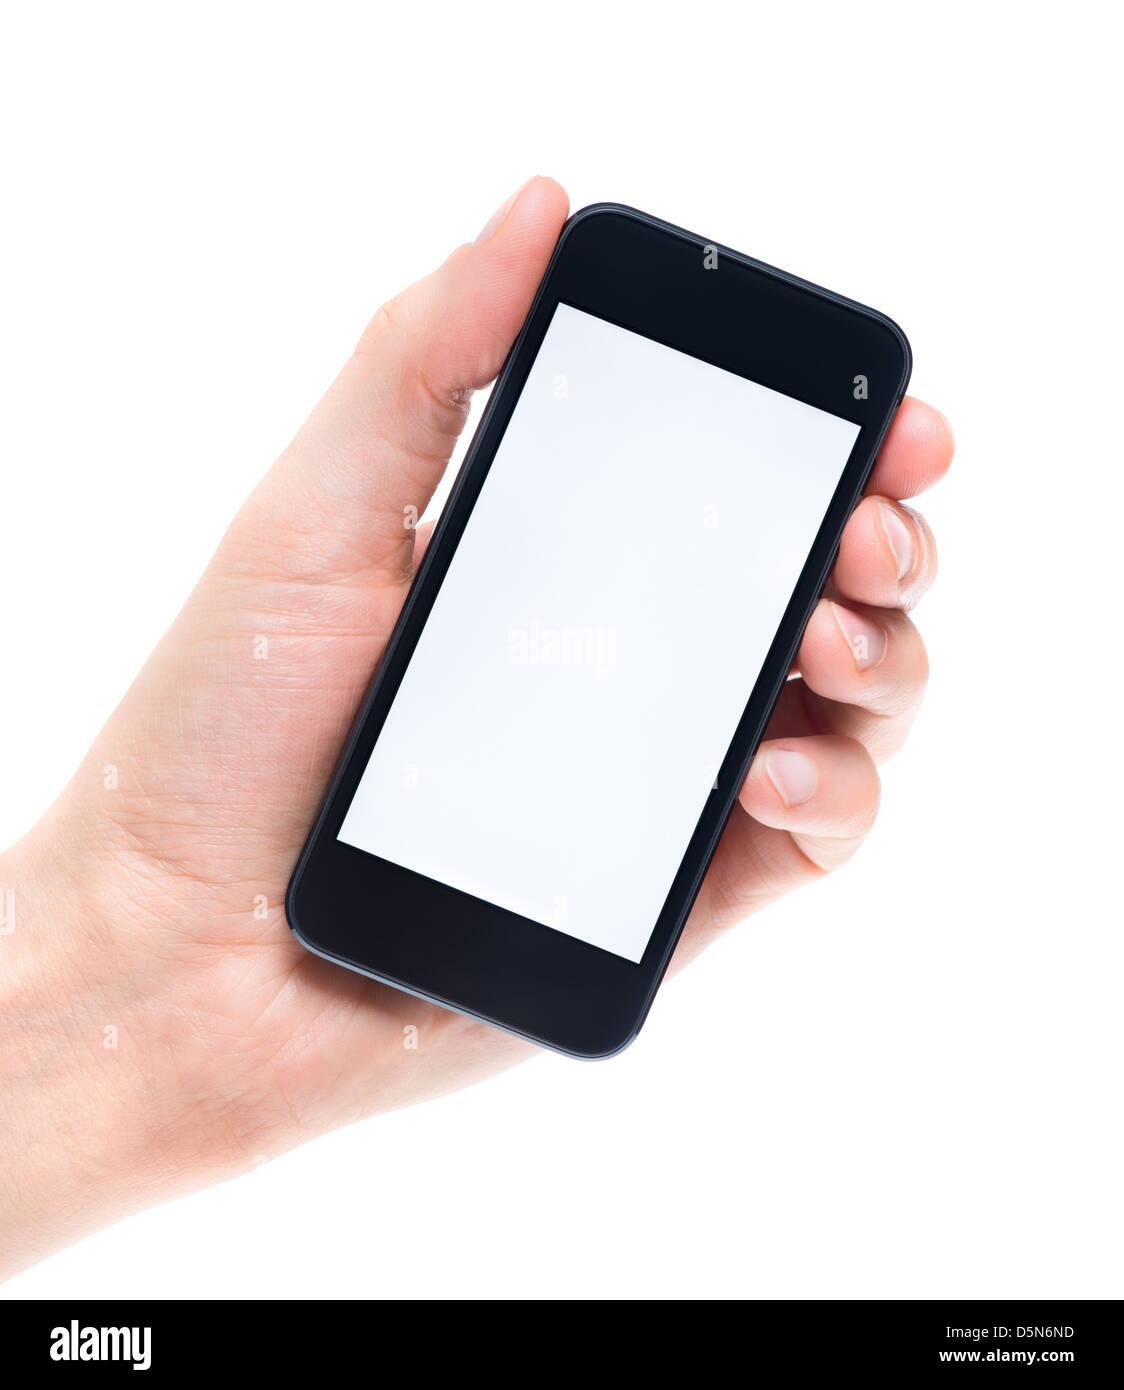 Gli uomini la mano che sorregge e mostrando moderno mobile smartphone con schermo vuoto. Isolato su sfondo bianco. Immagini Stock